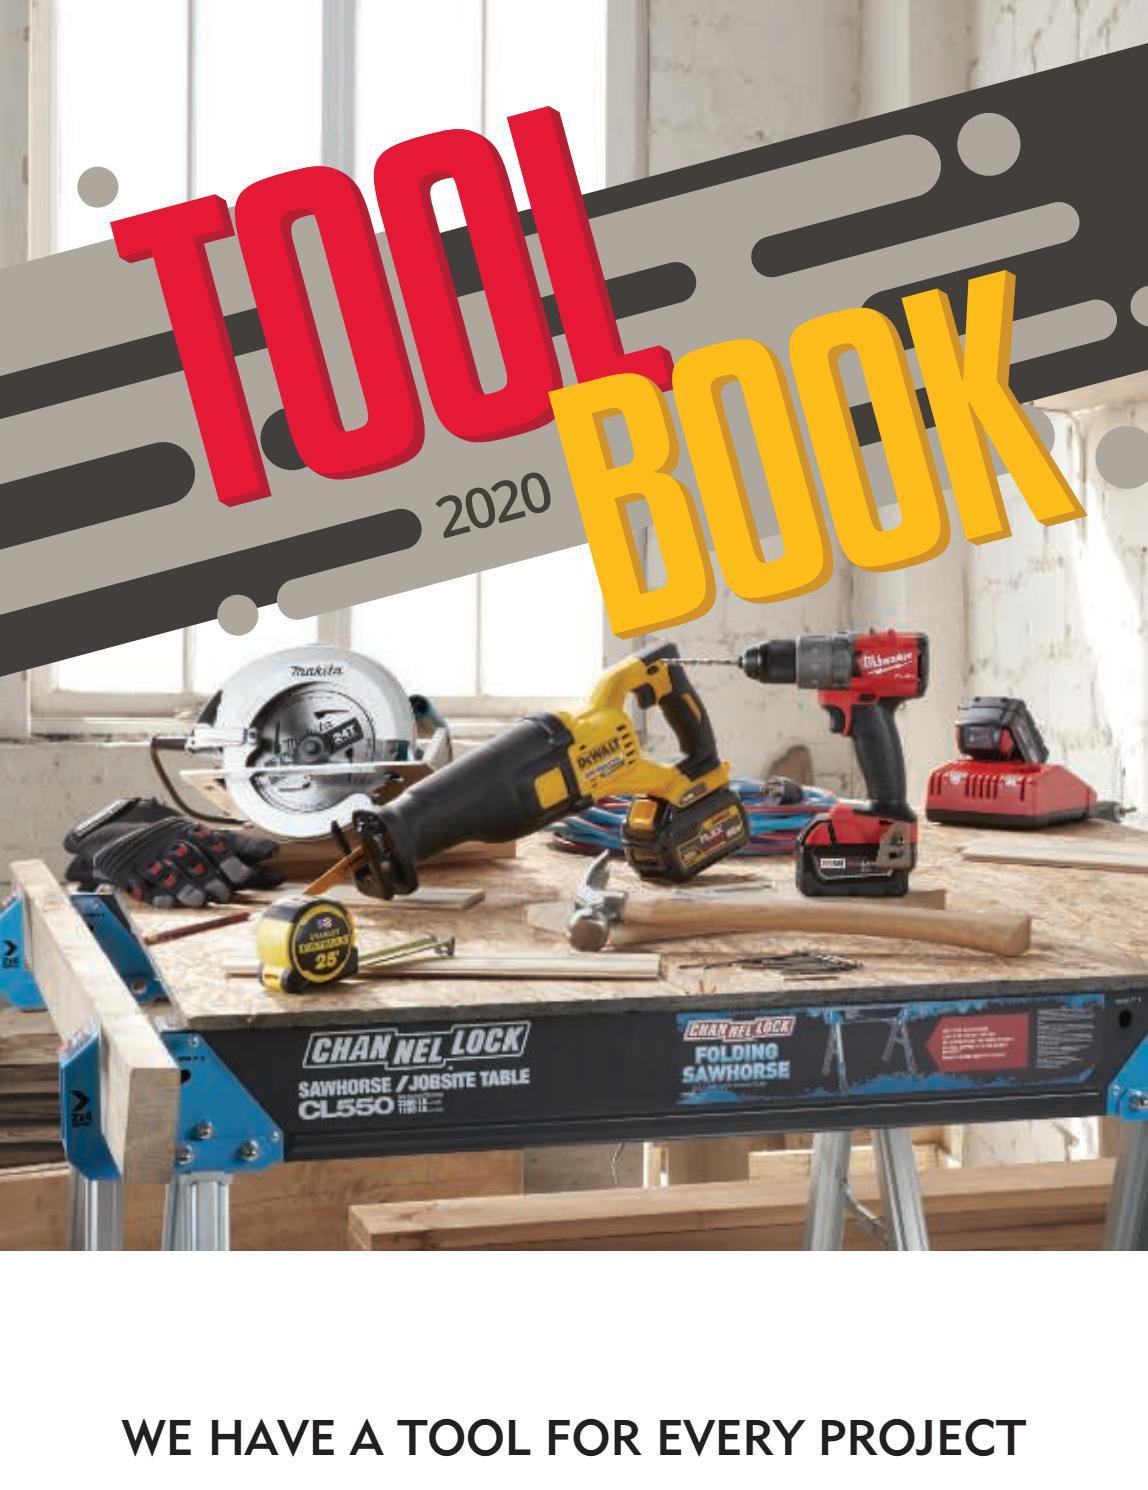 Tool Book 2020 by Meek Lumber Company - issuu